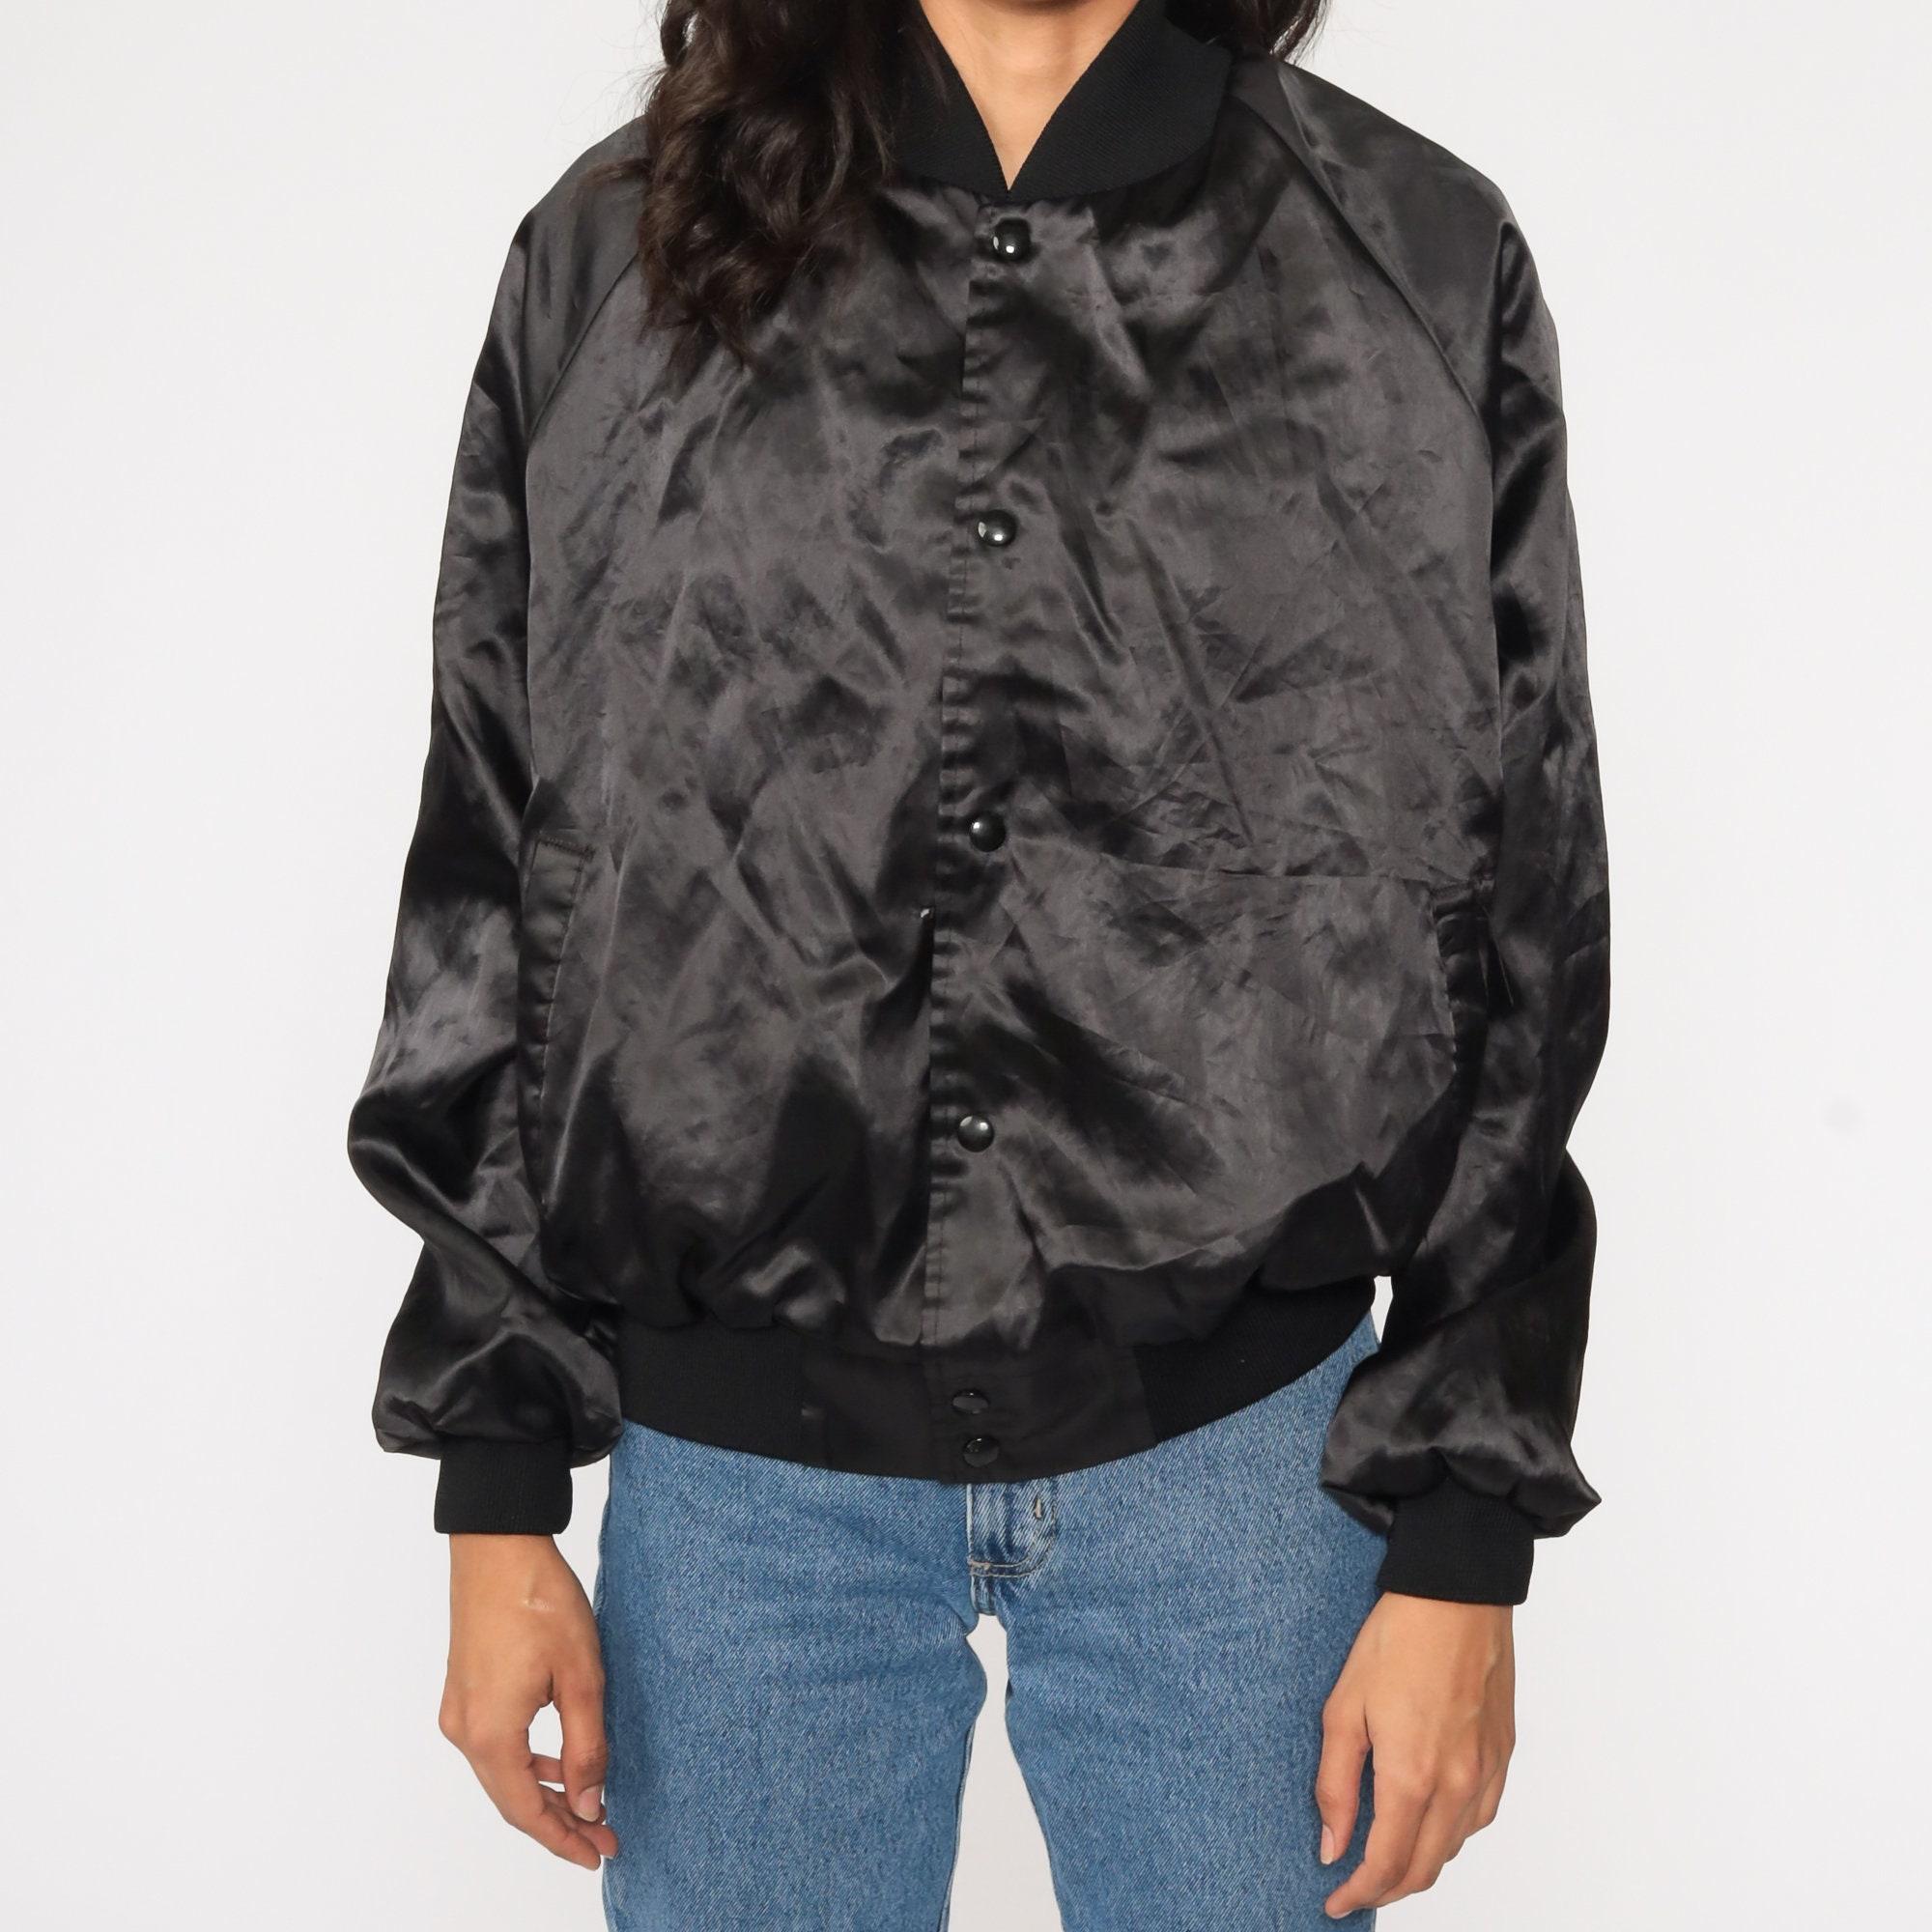 Johnny Cash Jacket Stadium Satin Bomber Jacket 80s Black Band Tour Jacket Embroidered Jacket 1980s Vintage Snap Up Large